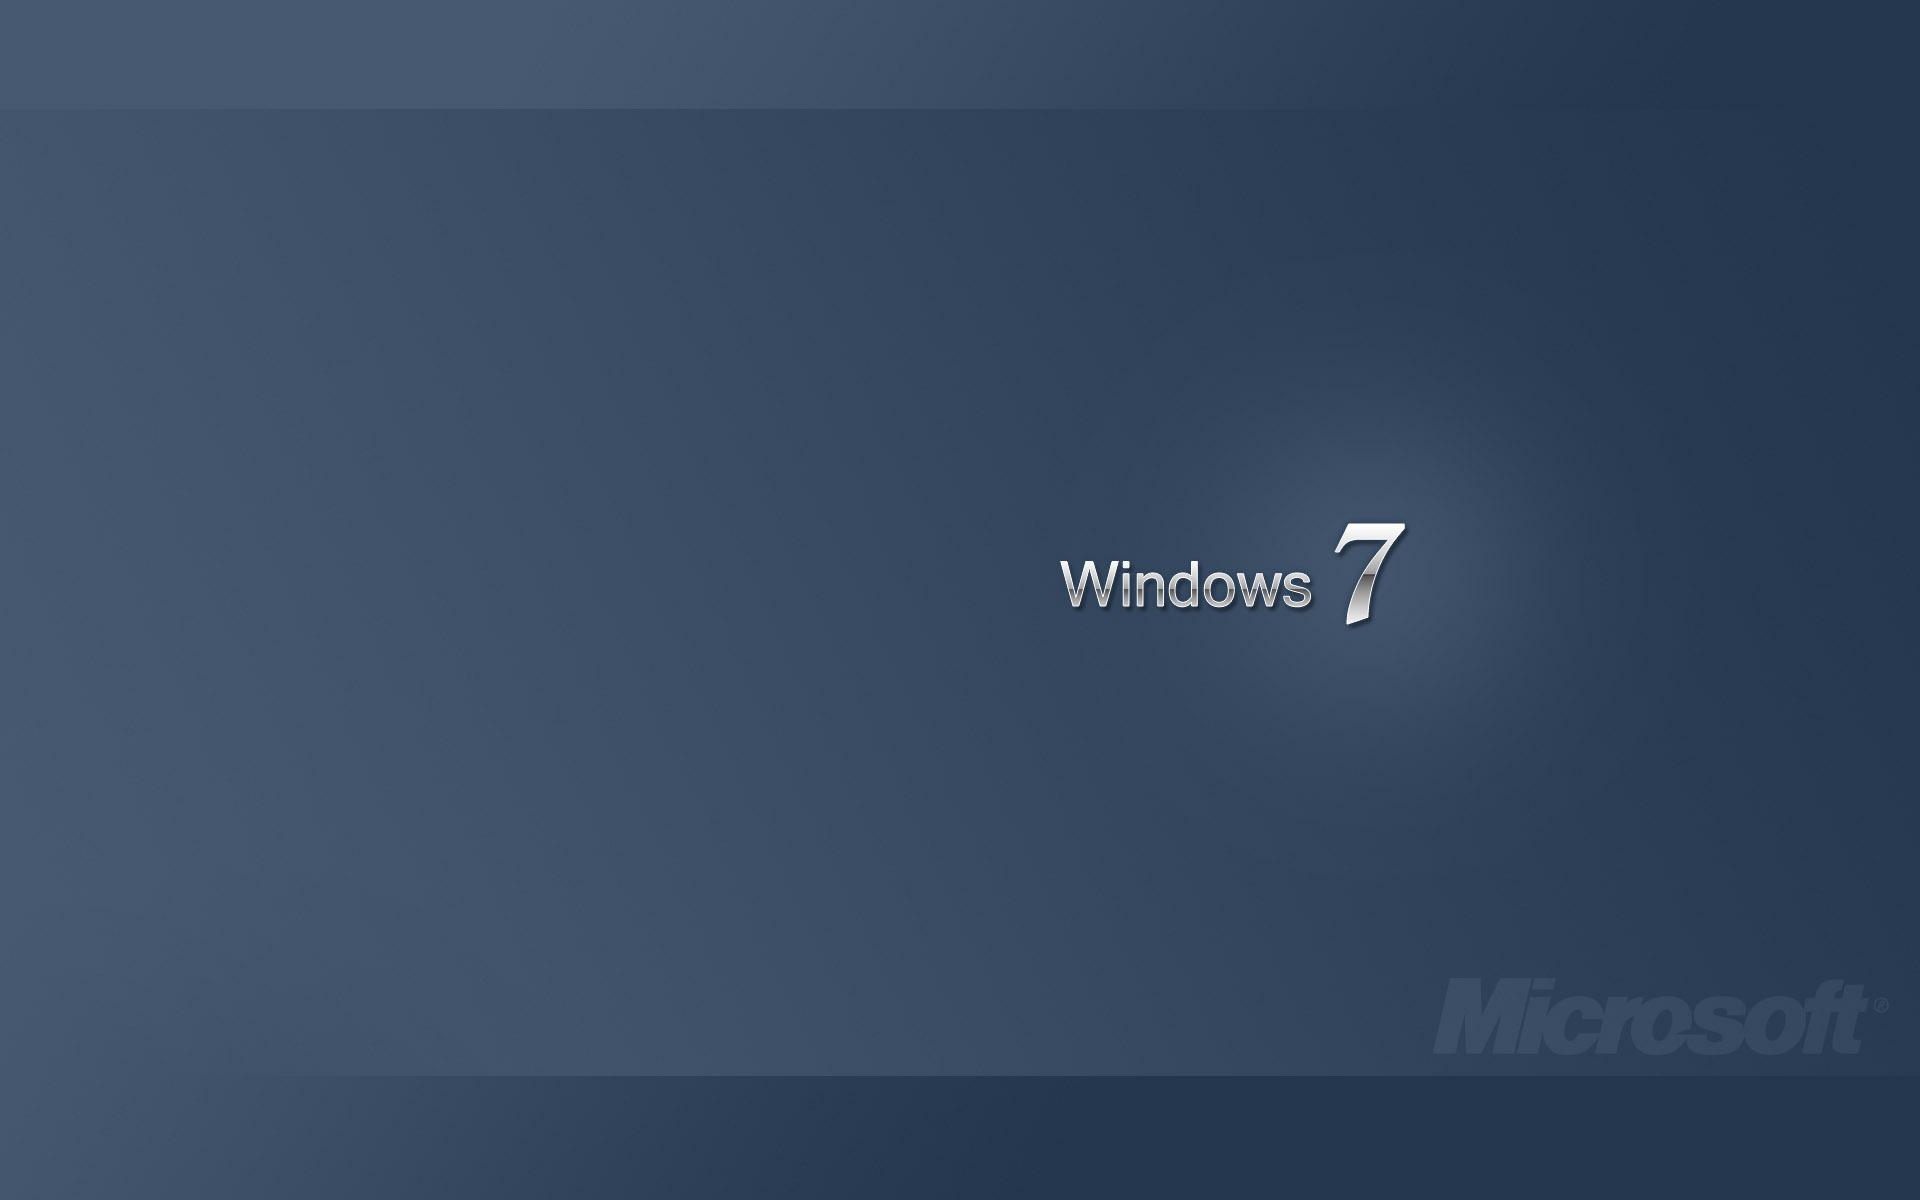 メタル windows 7- ブランドの壁紙の選択 / 1920x1200